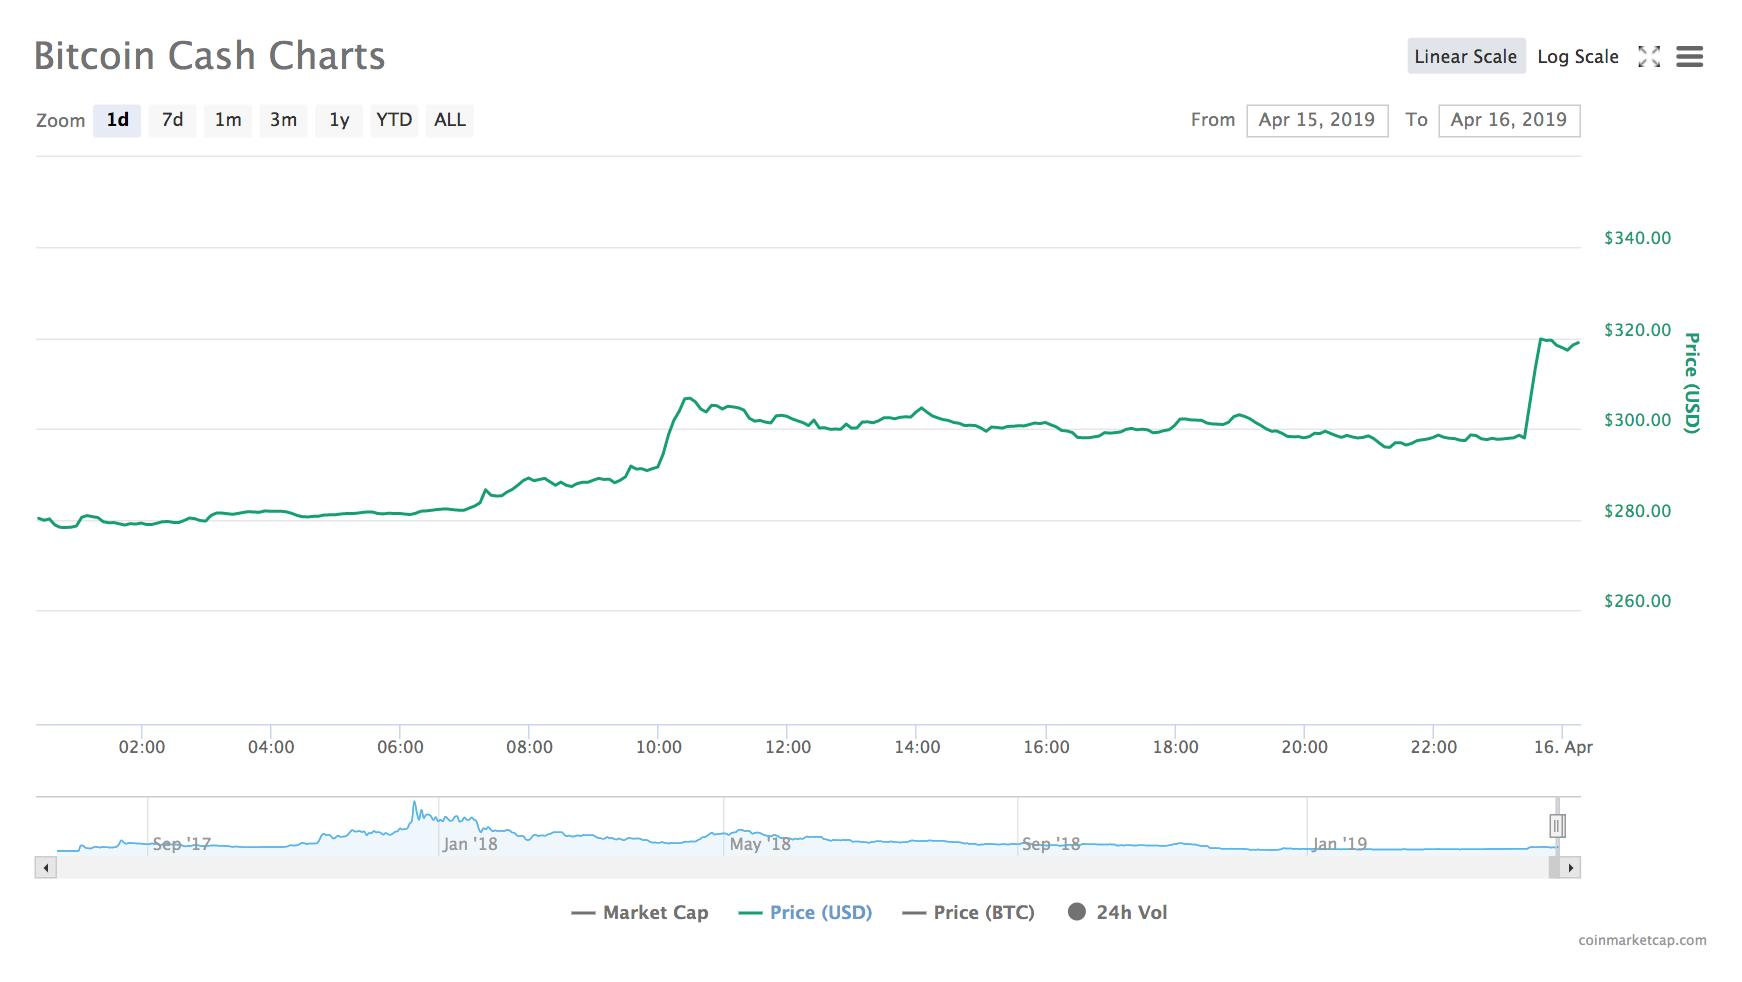 ビットコインキャッシュ(BCH)のチャート